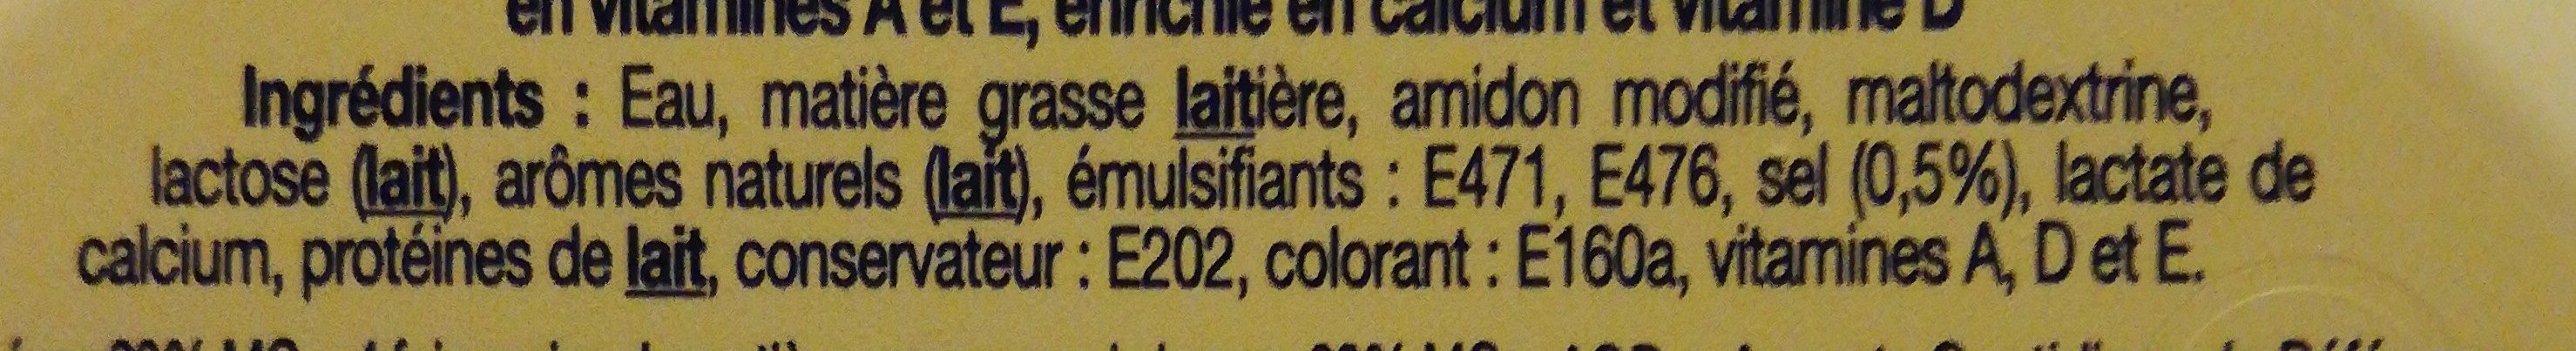 Léger 20% - Ingredienti - fr